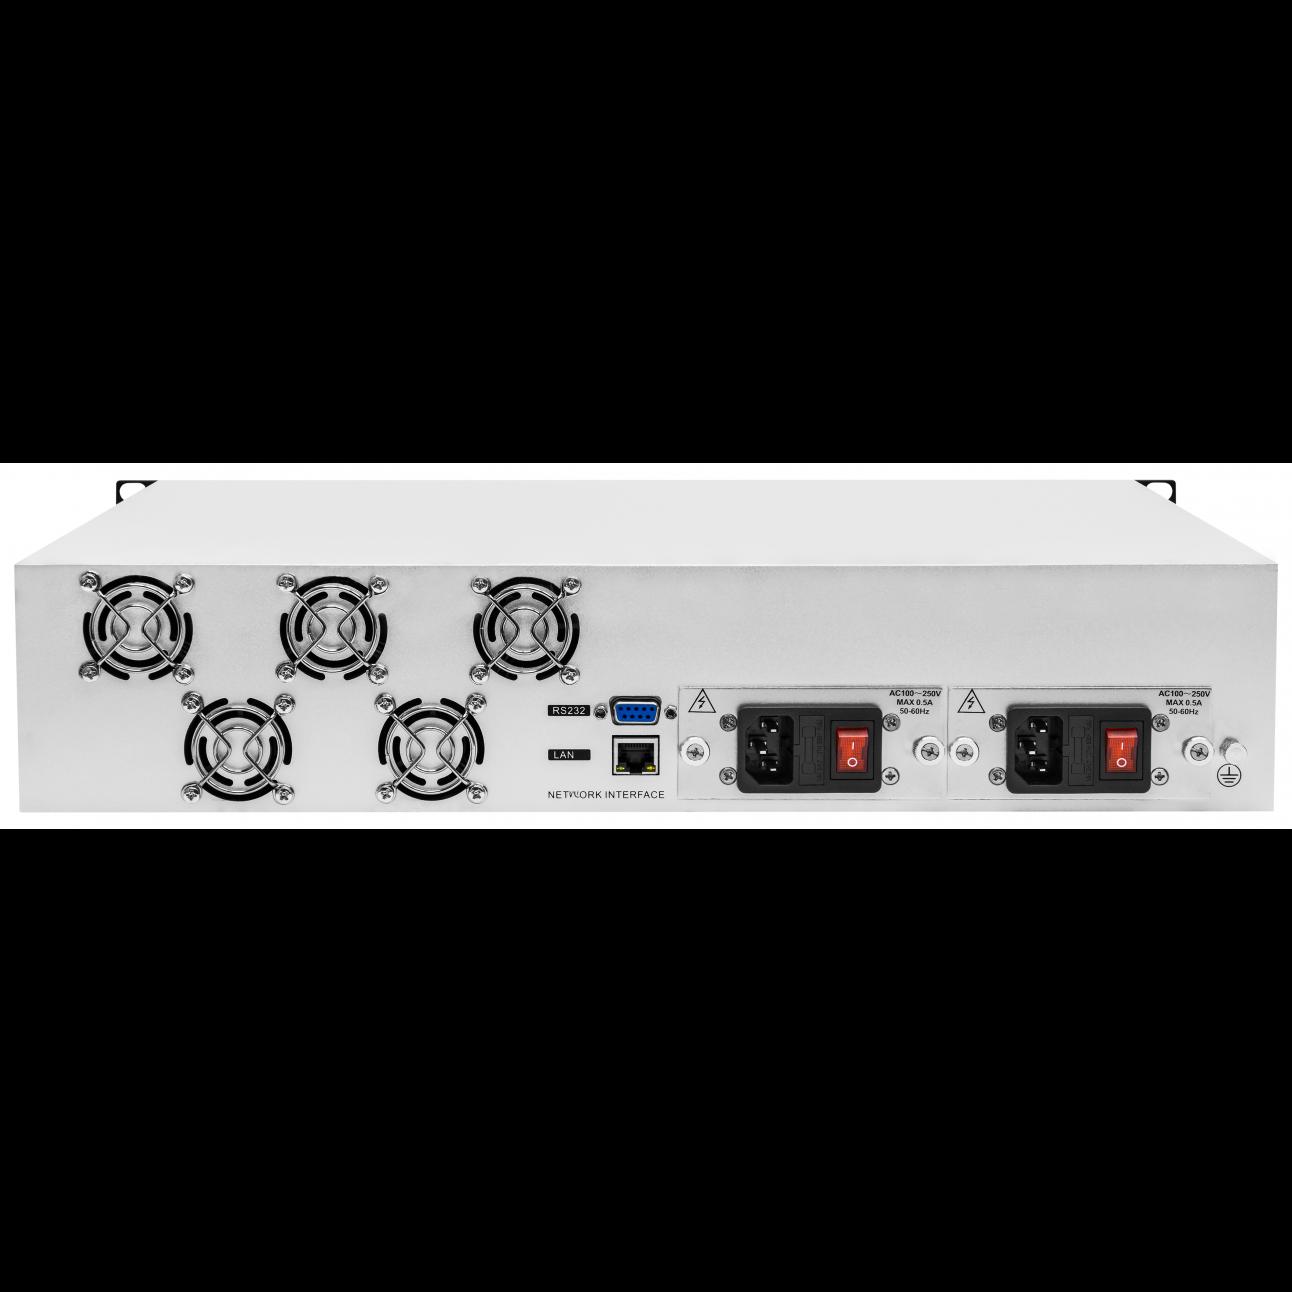 Оптический усилитель VERMAX для сетей КТВ, 8*18dBm, WDM фильтр PON